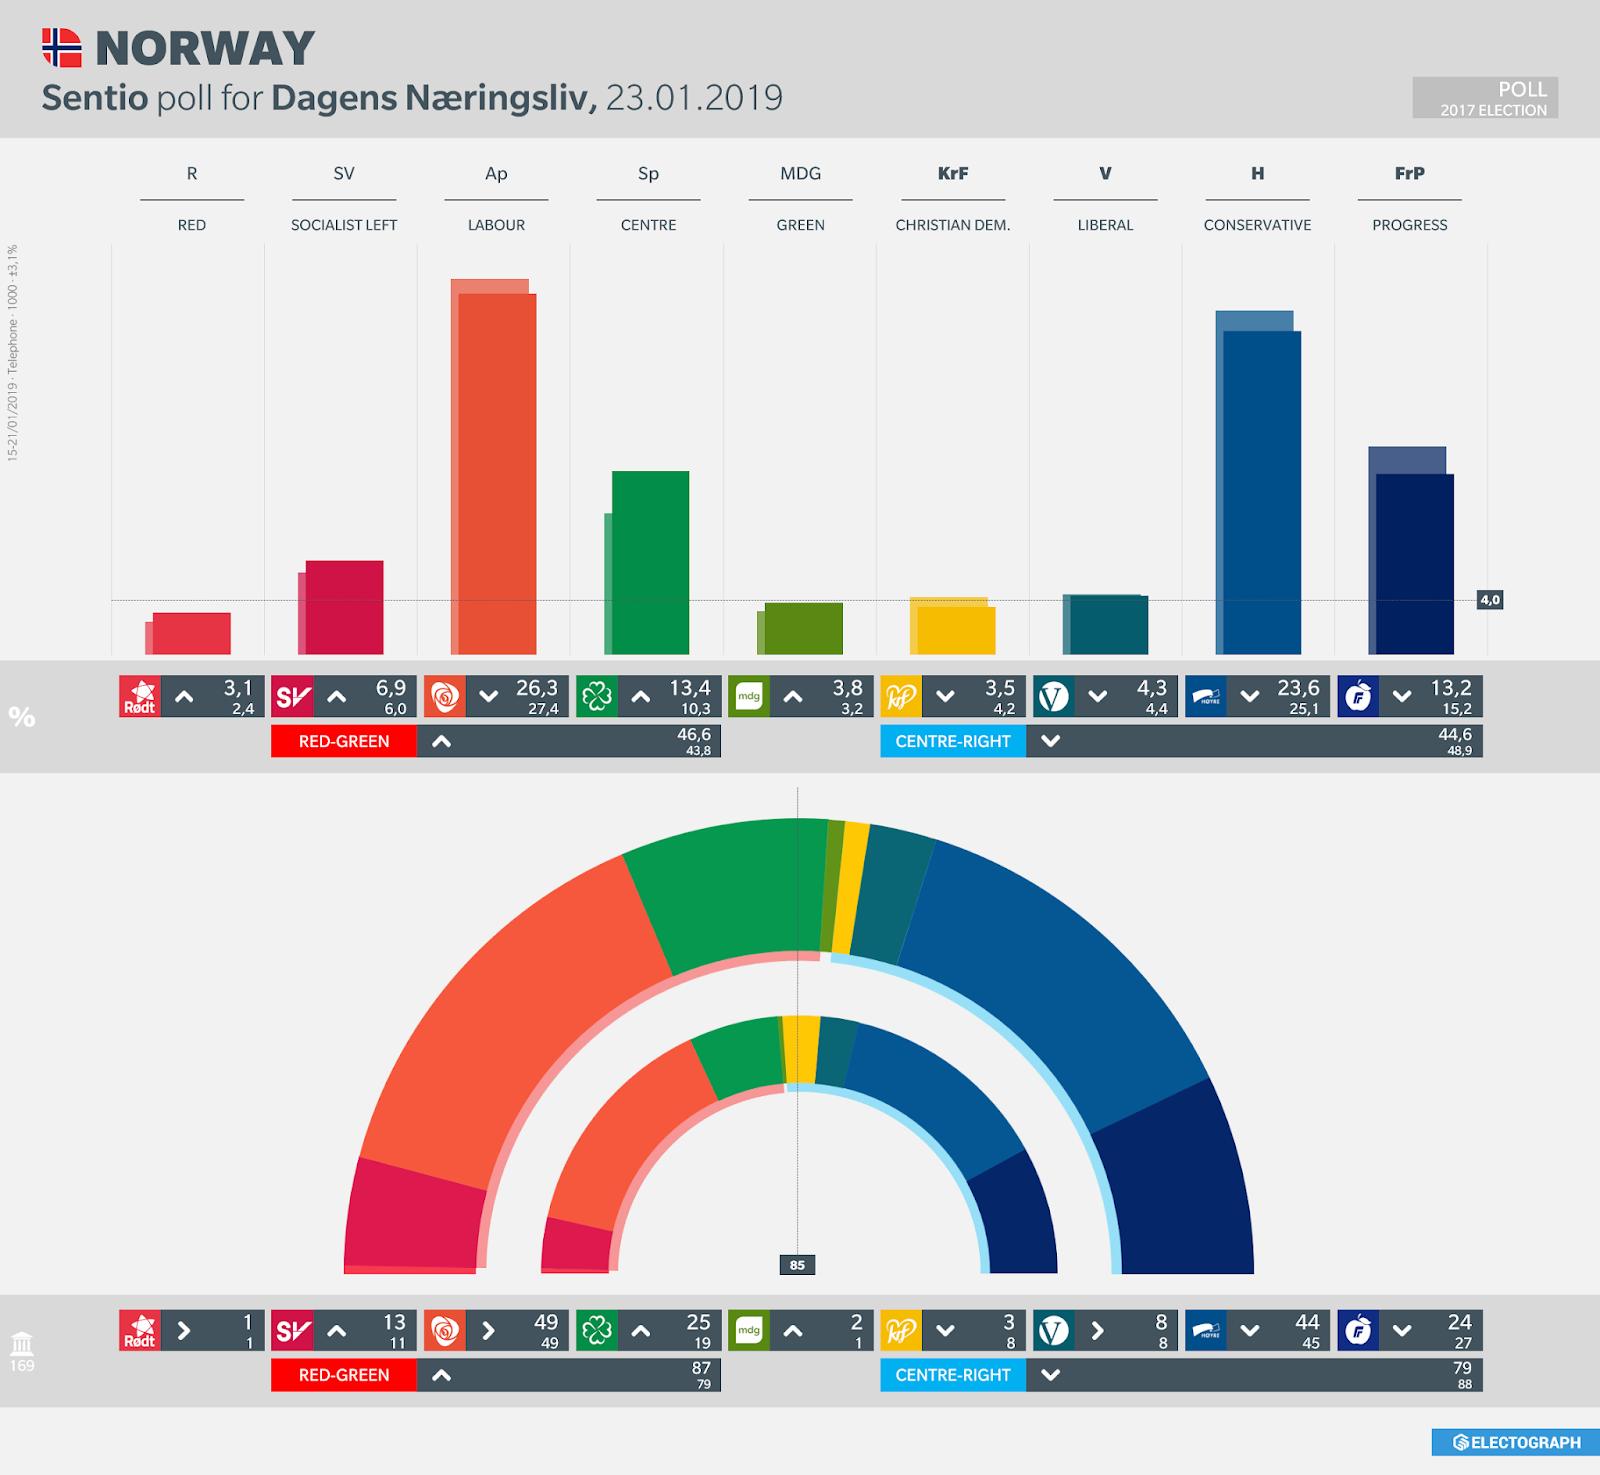 NORWAY: Sentio poll chart for Dagens Næringsliv, 23 January 2019